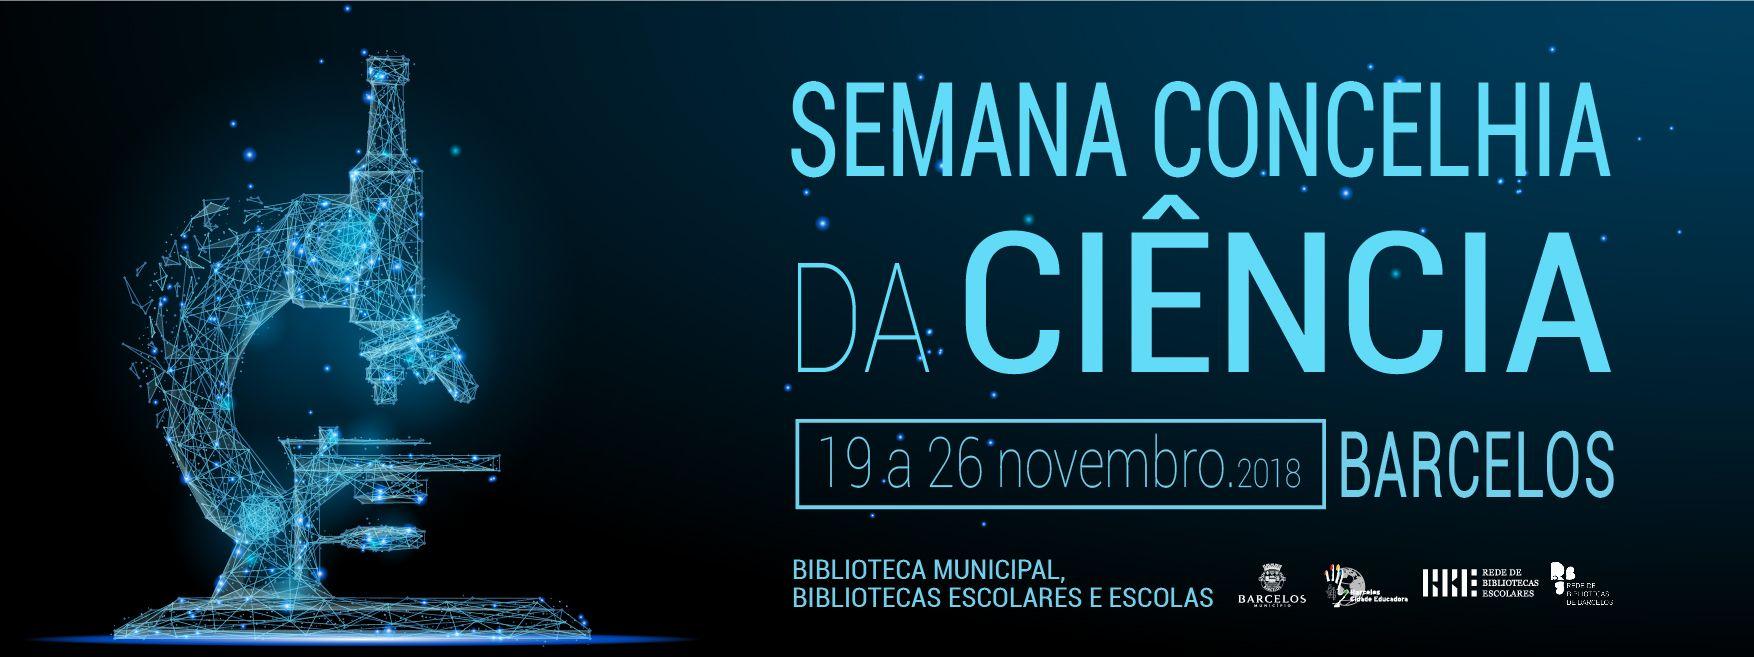 Semana da Ciência e da Tecnologia mobiliza escolas e bibliotecas de Barcelos